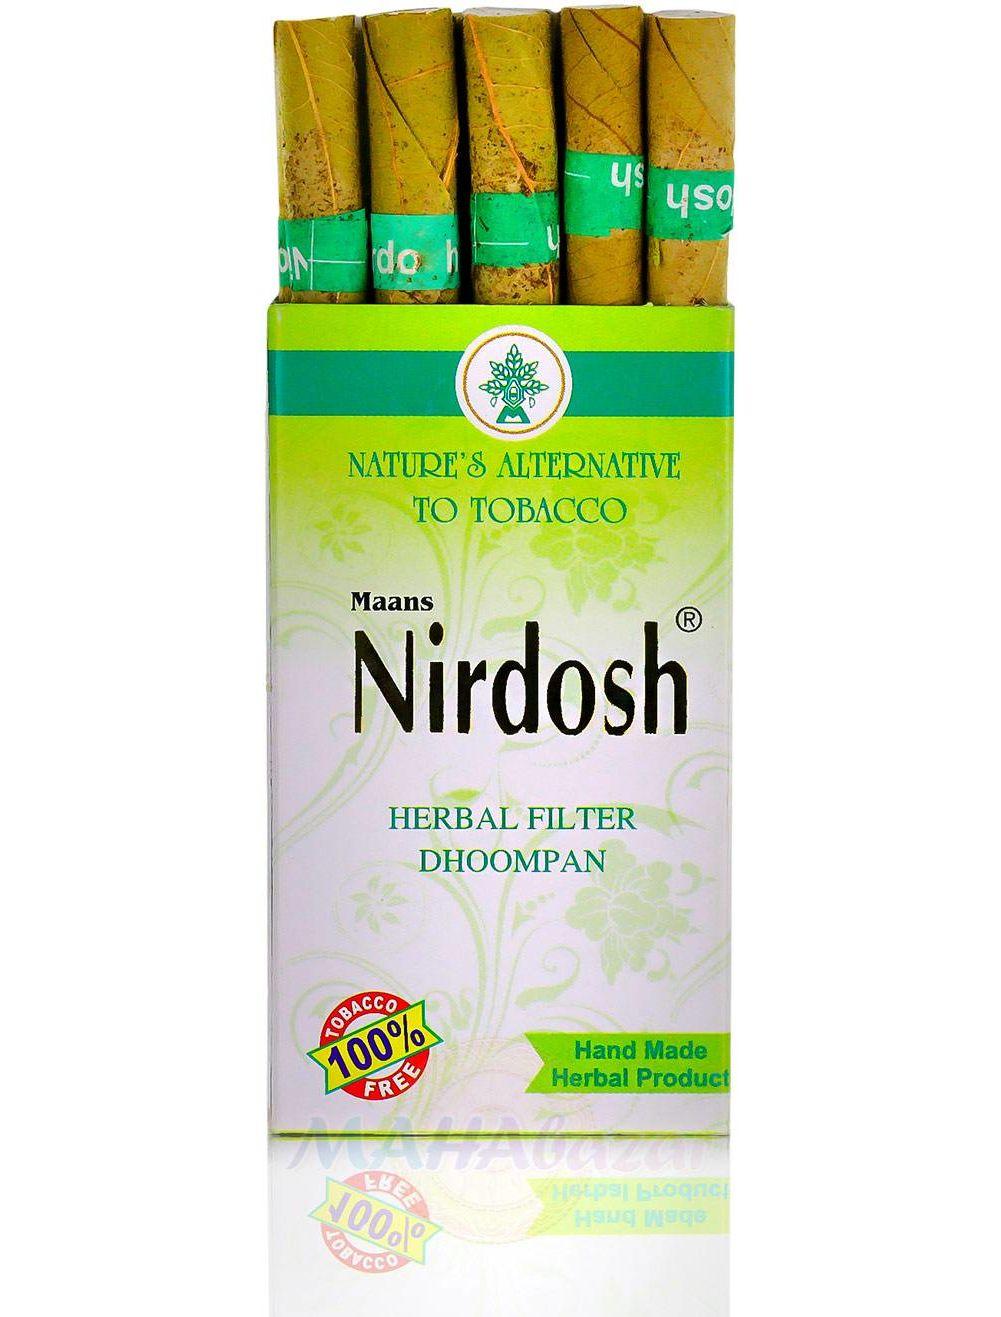 Травяные сигареты купить в екатеринбурге табачные изделия оптом цена новосибирск